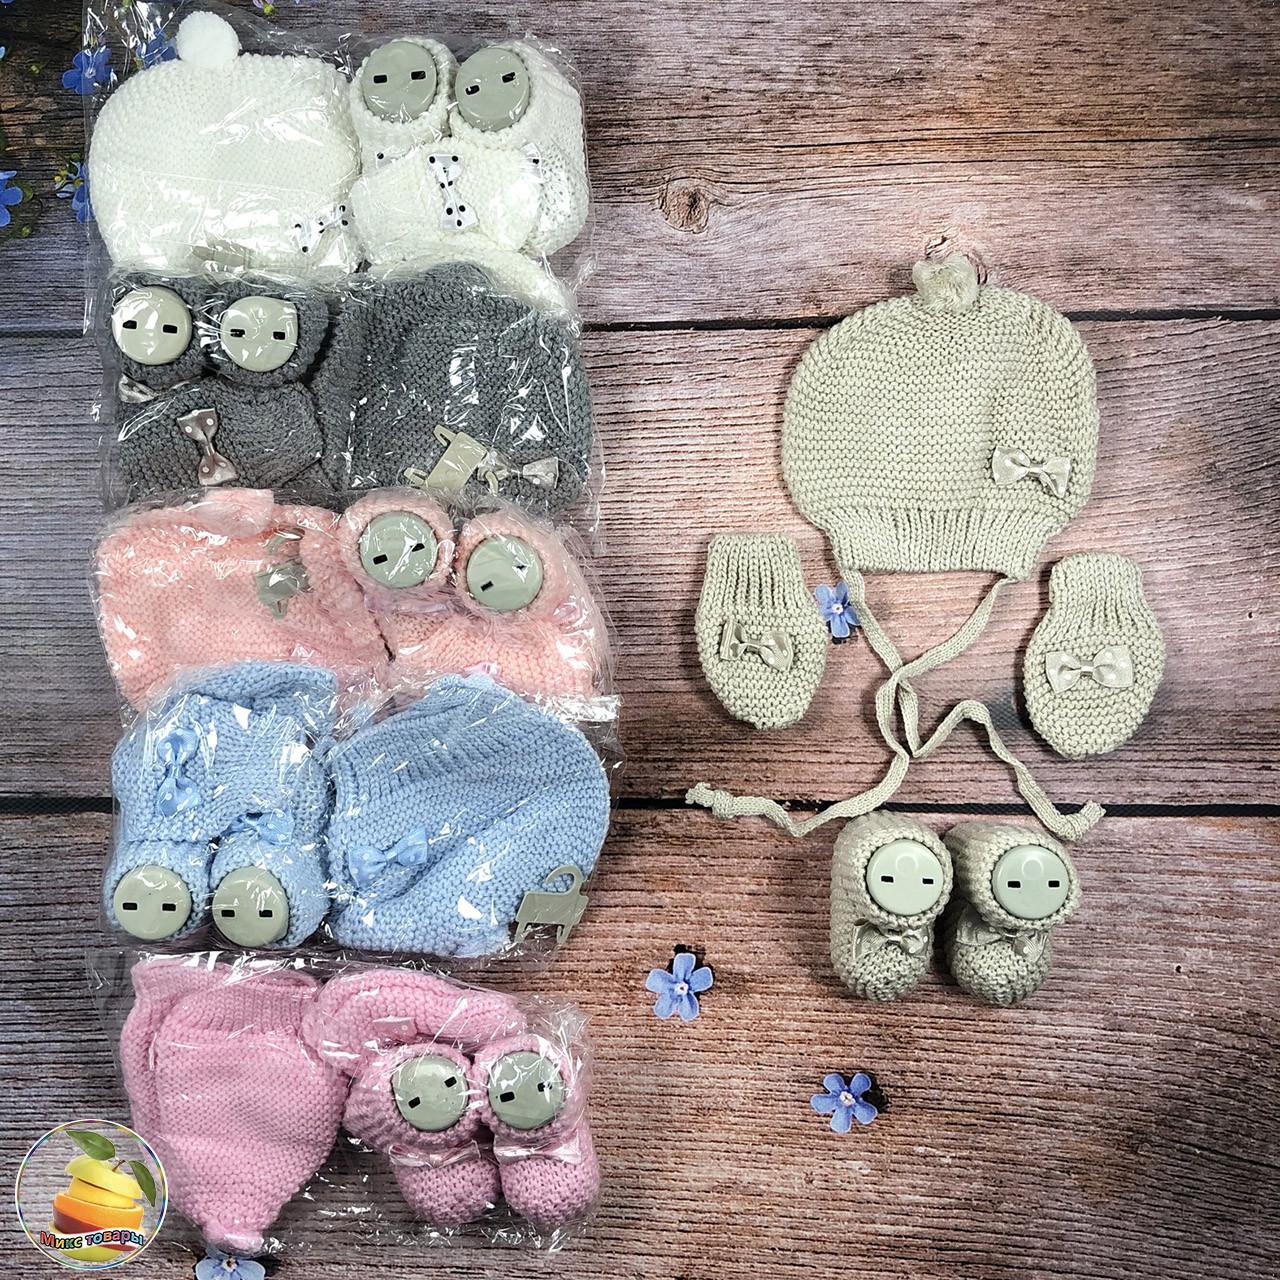 Турецькі набори: Шапочка, пінетки і рукавички - царапки Розмір: 0 - 6 місяців (20976)